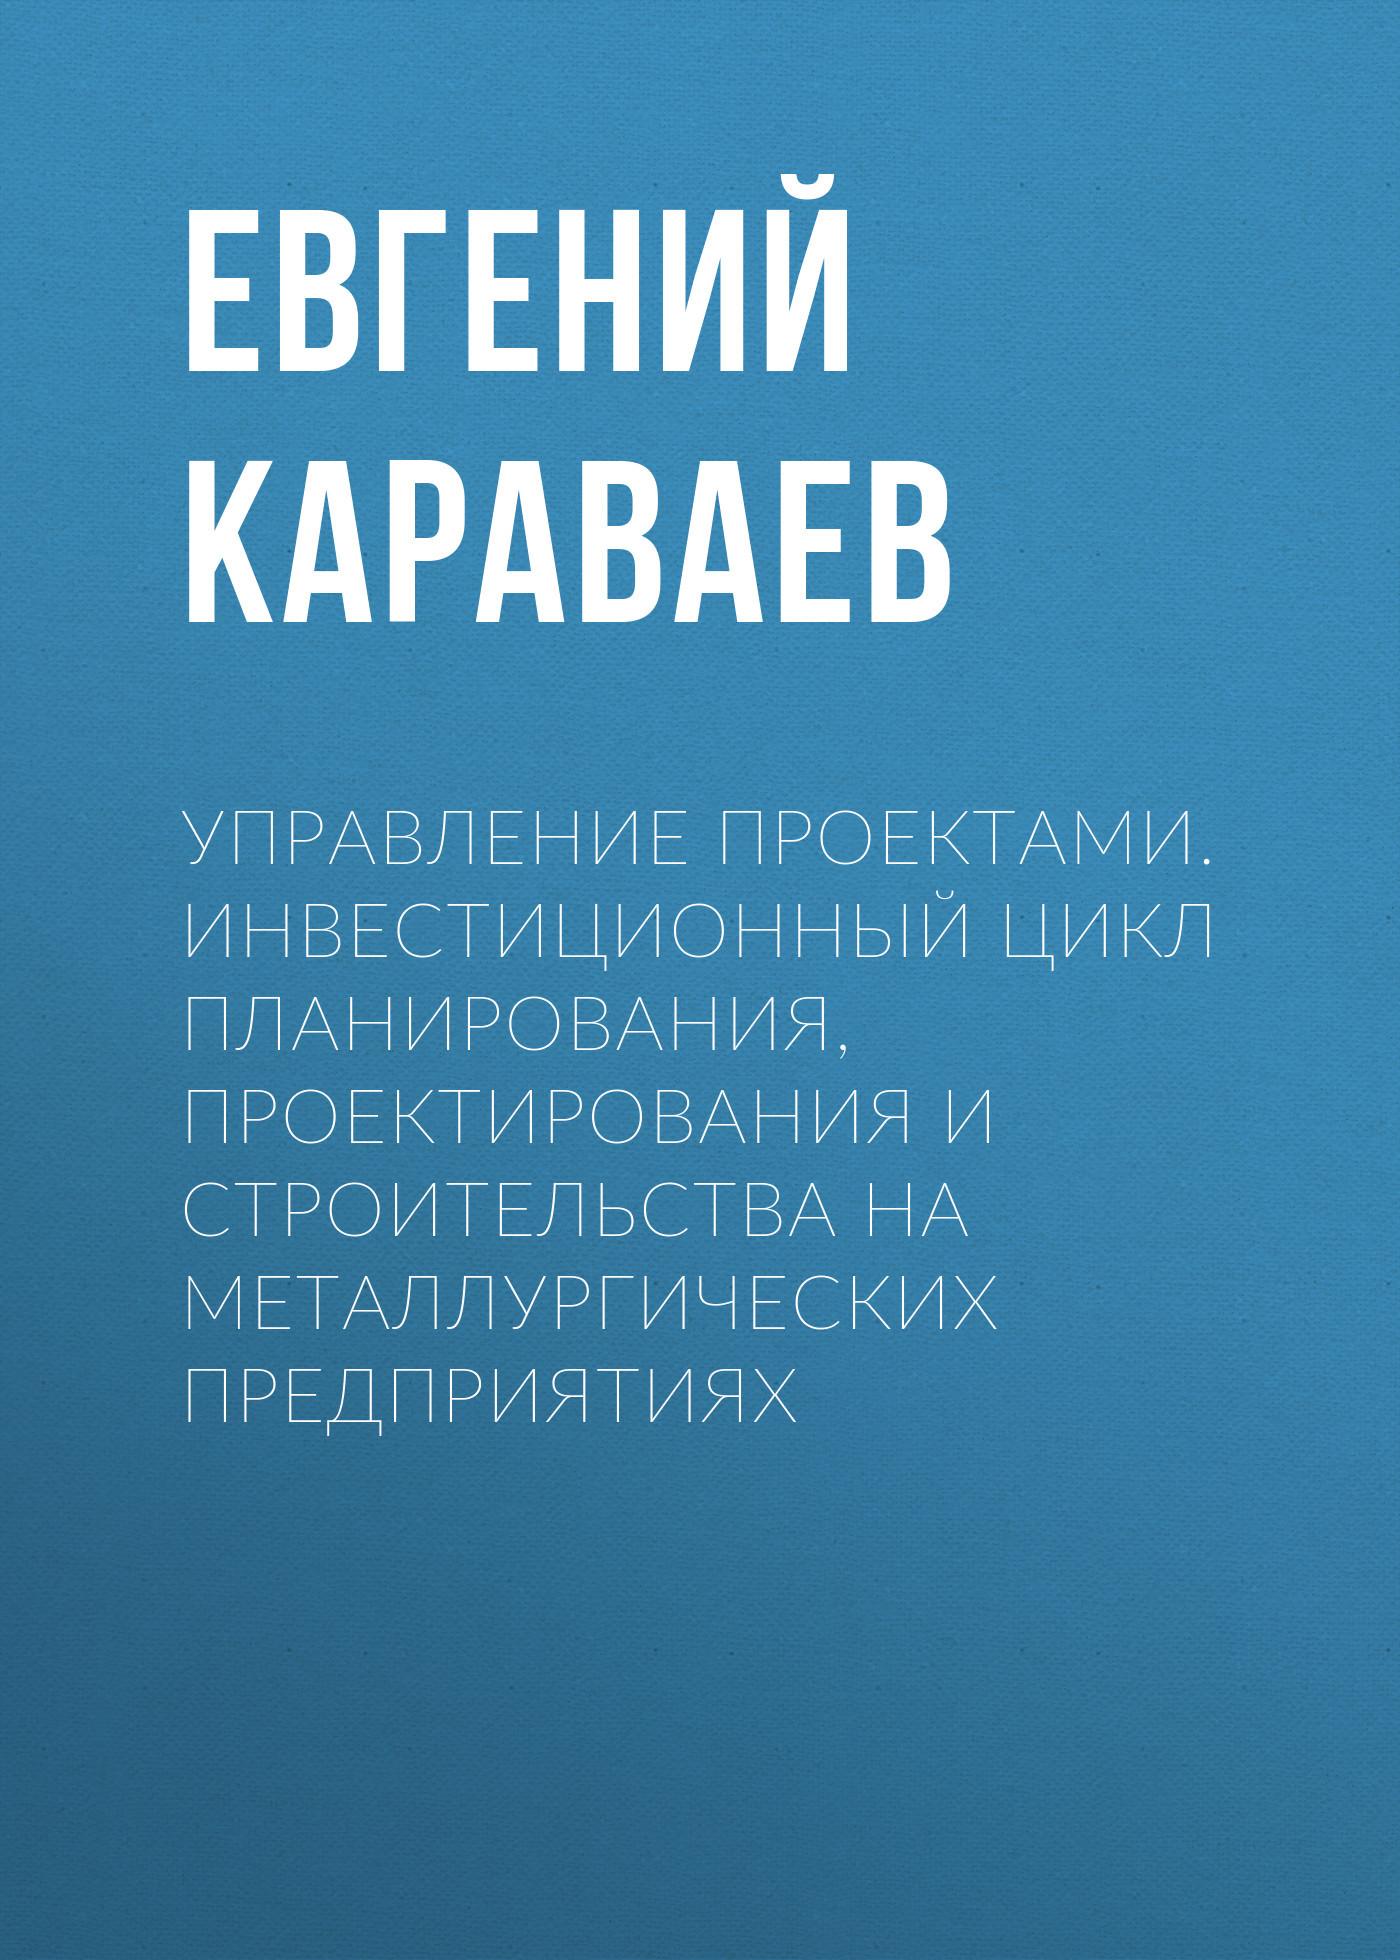 Евгений Караваев. Управление проектами. Инвестиционный цикл планирования, проектирования и строительства на металлургических предприятиях